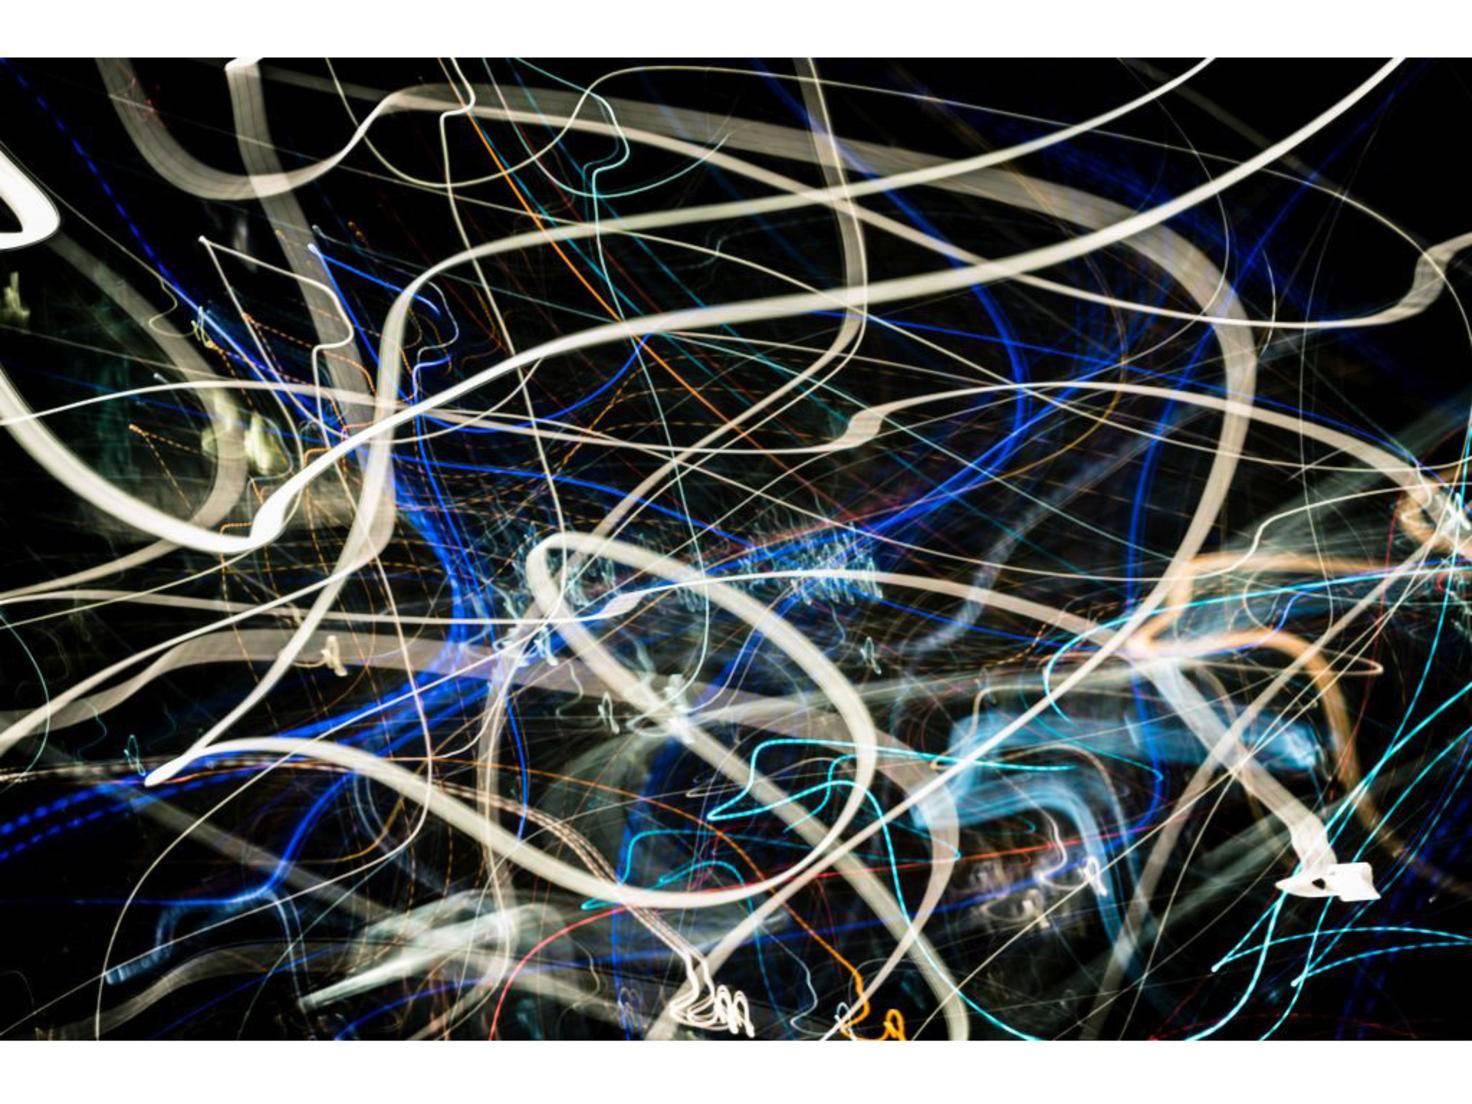 Lichterchaos erhältst Du durch Bewegen der Kamera während der Aufnahme. Belichtungszeit hier: 15 Sekunden.